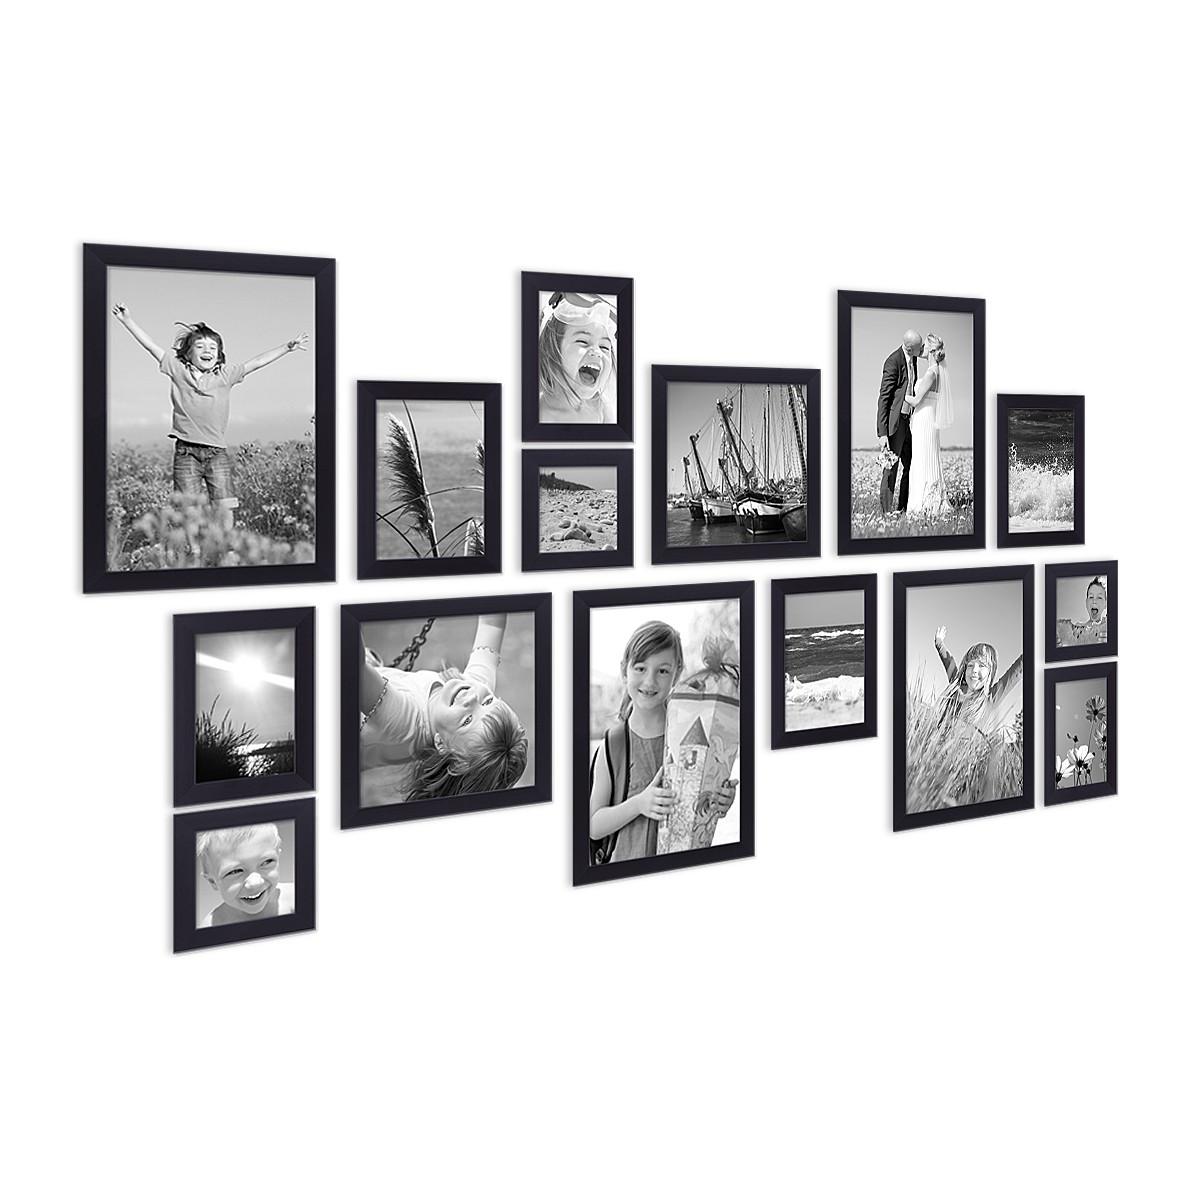 15er set bilderrahmen modern schwarz aus mdf 10x15 bis. Black Bedroom Furniture Sets. Home Design Ideas